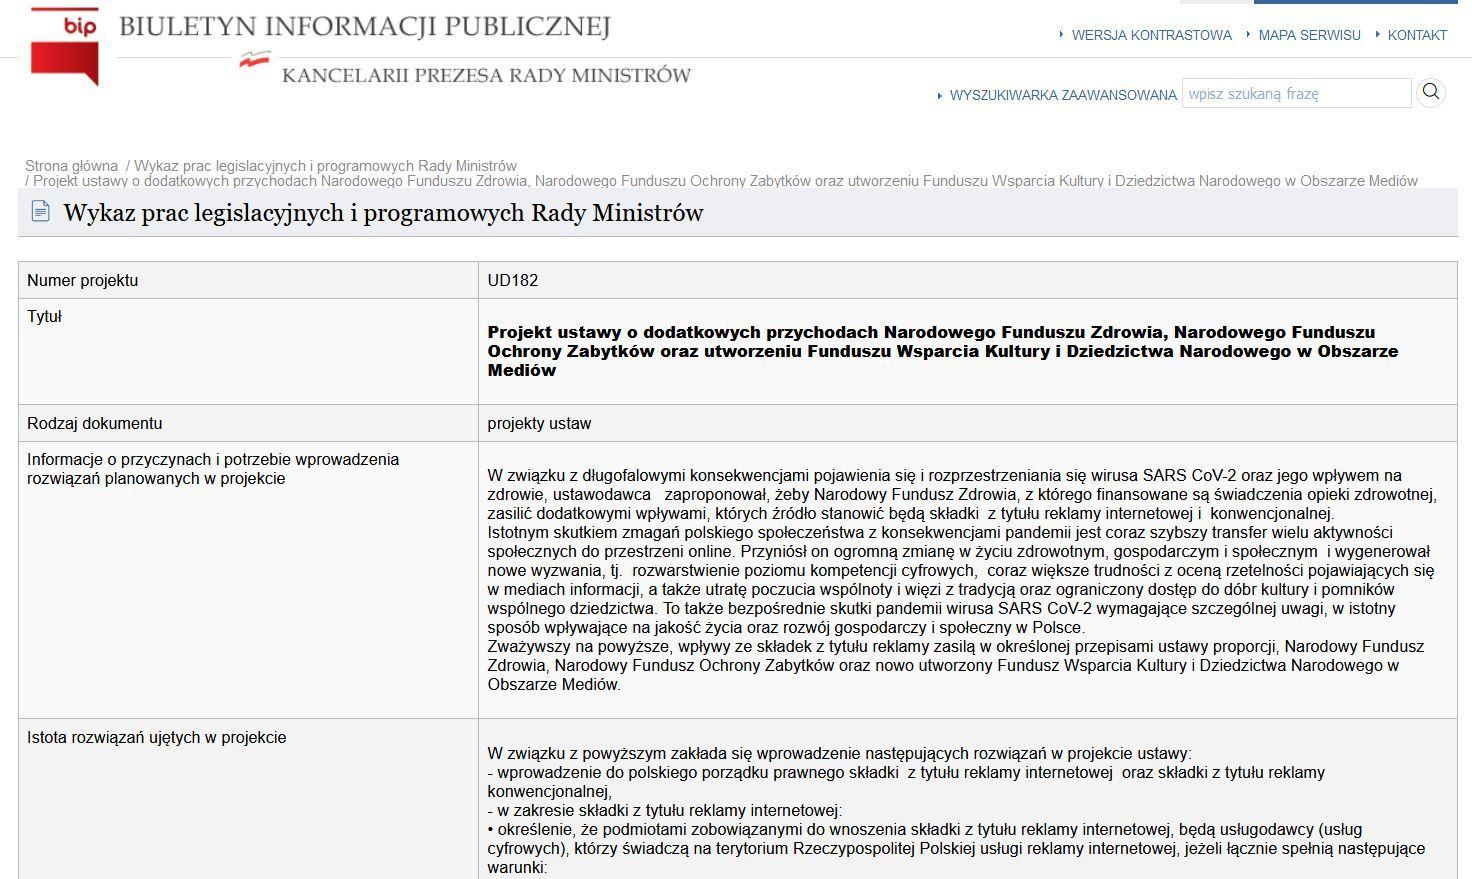 Projekt ustawy z planami składki od reklamy widnieje w wykazie prac legislacyjnych rządu